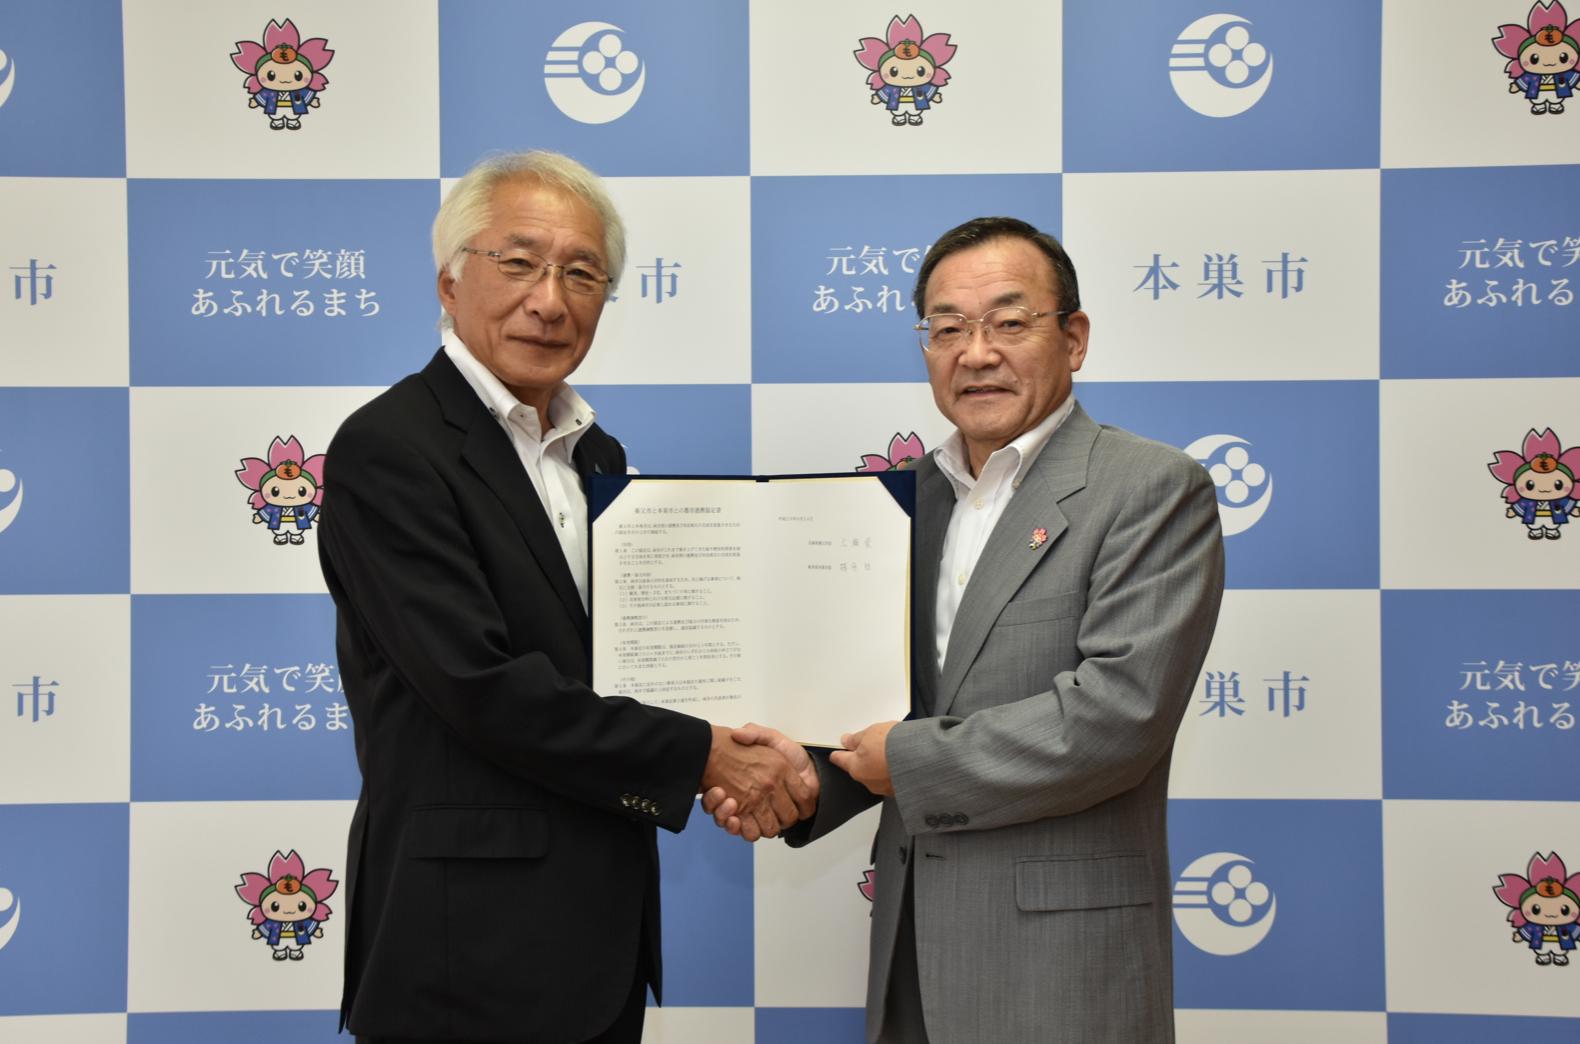 兵庫県養父市は岐阜県本巣市と「災害時の相互応援に関する協定」を締結